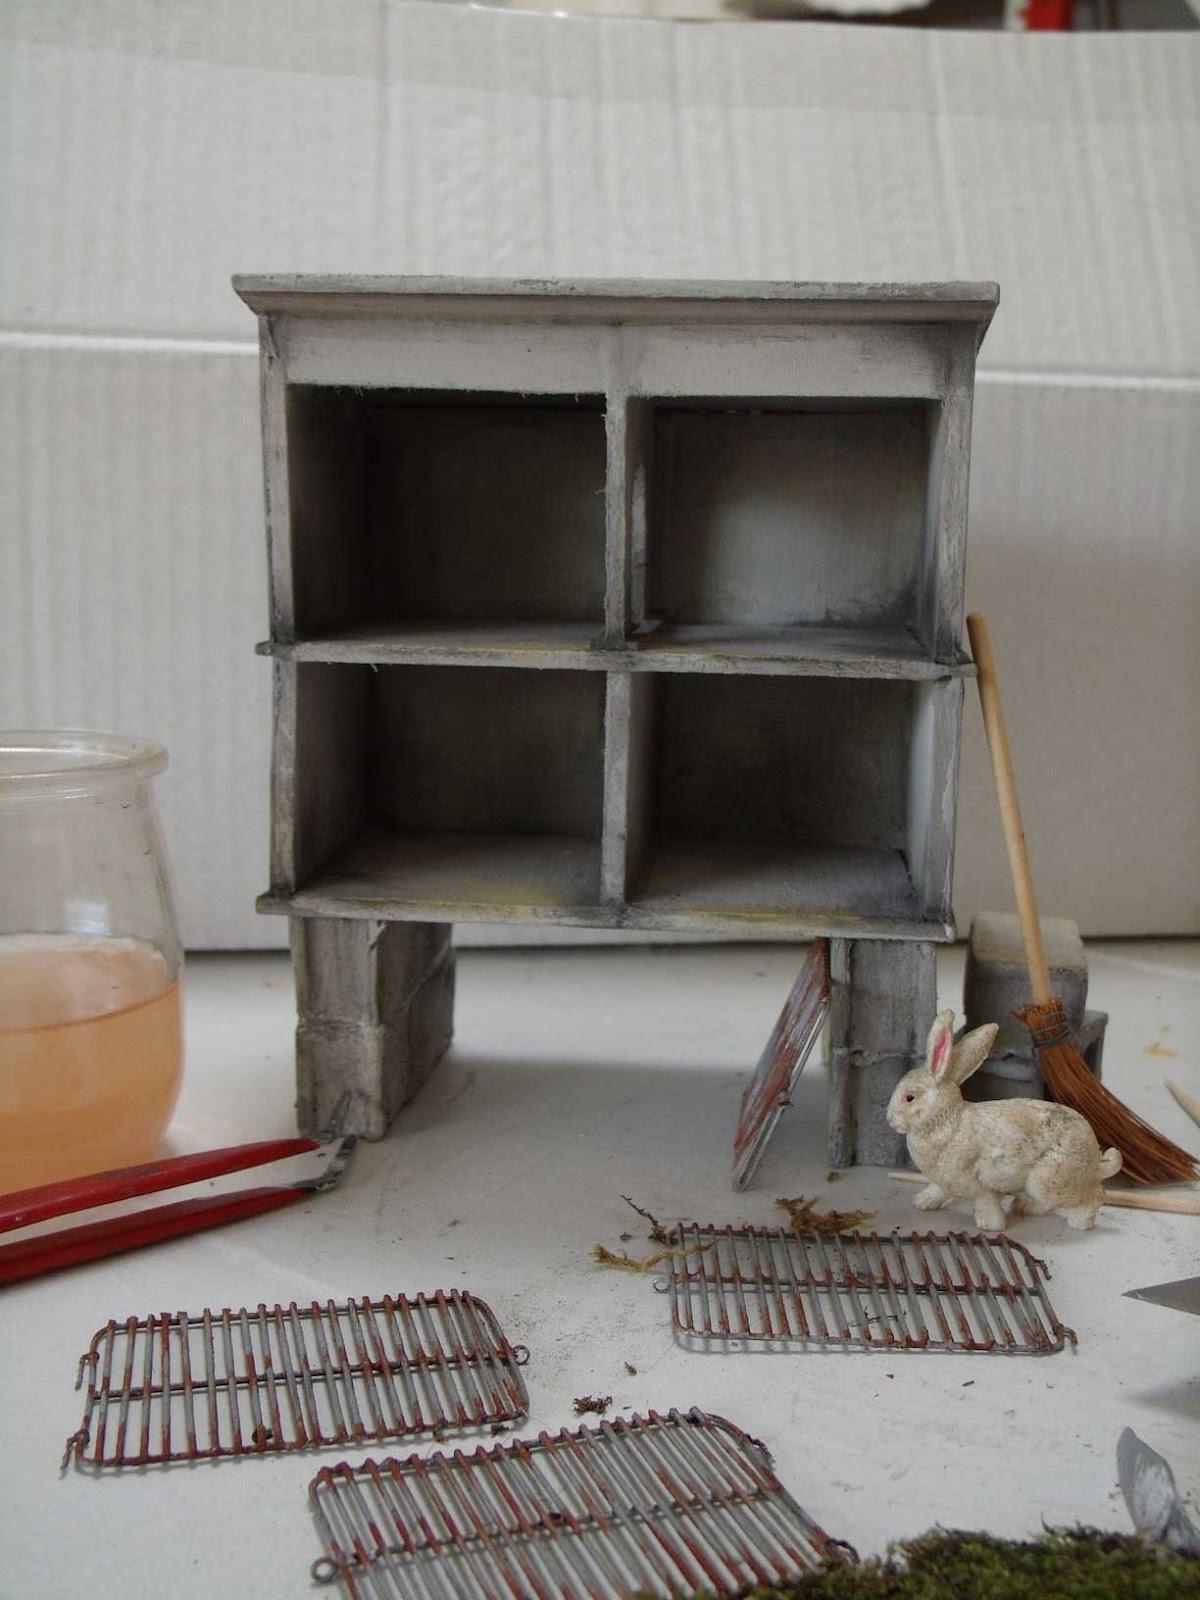 Minimanie du nouveau chez emilie - Clapier lapin beton ...